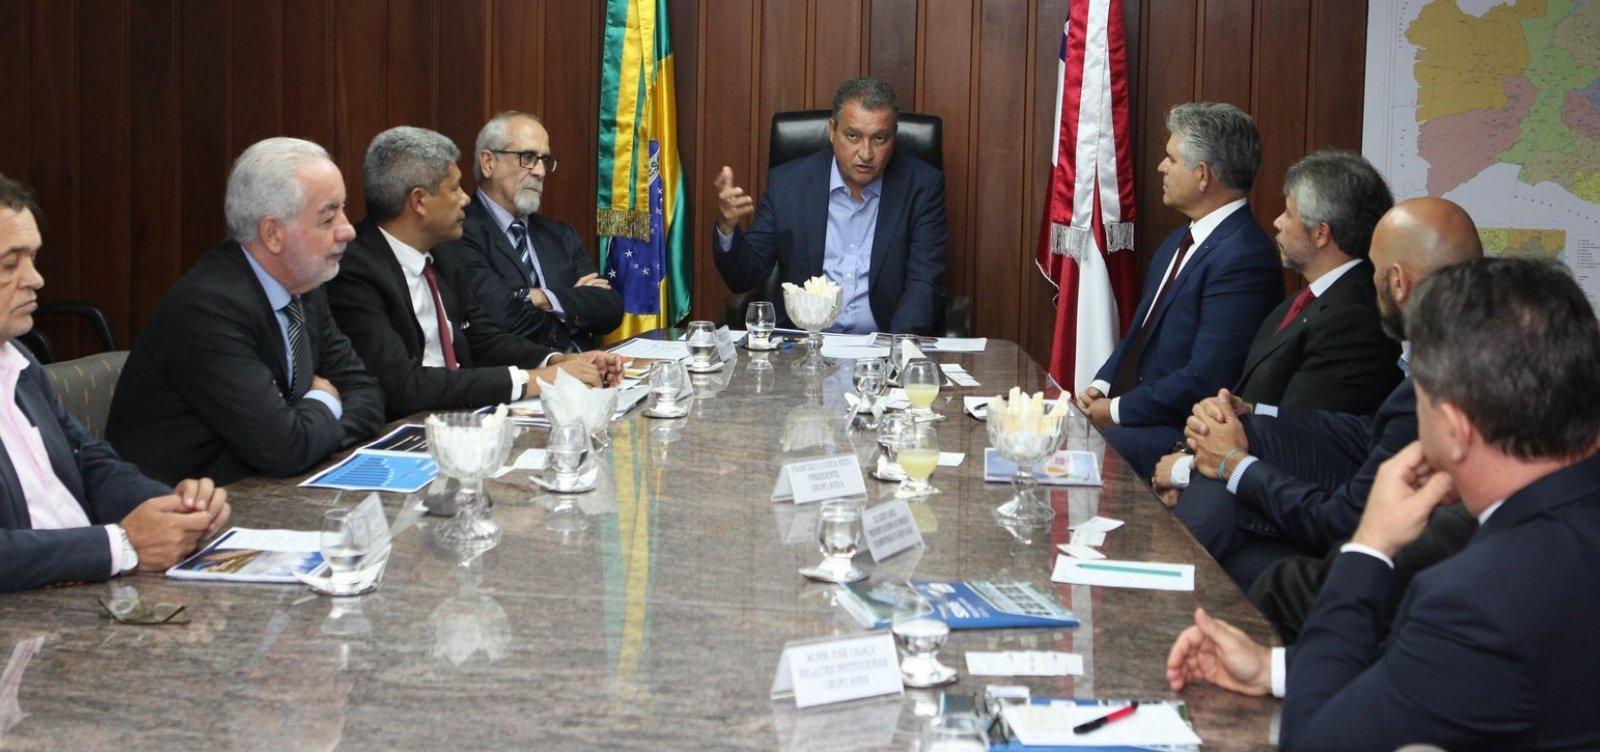 [Governo fará encontro com prefeitos e secretários de Turismo de cidades baianas]